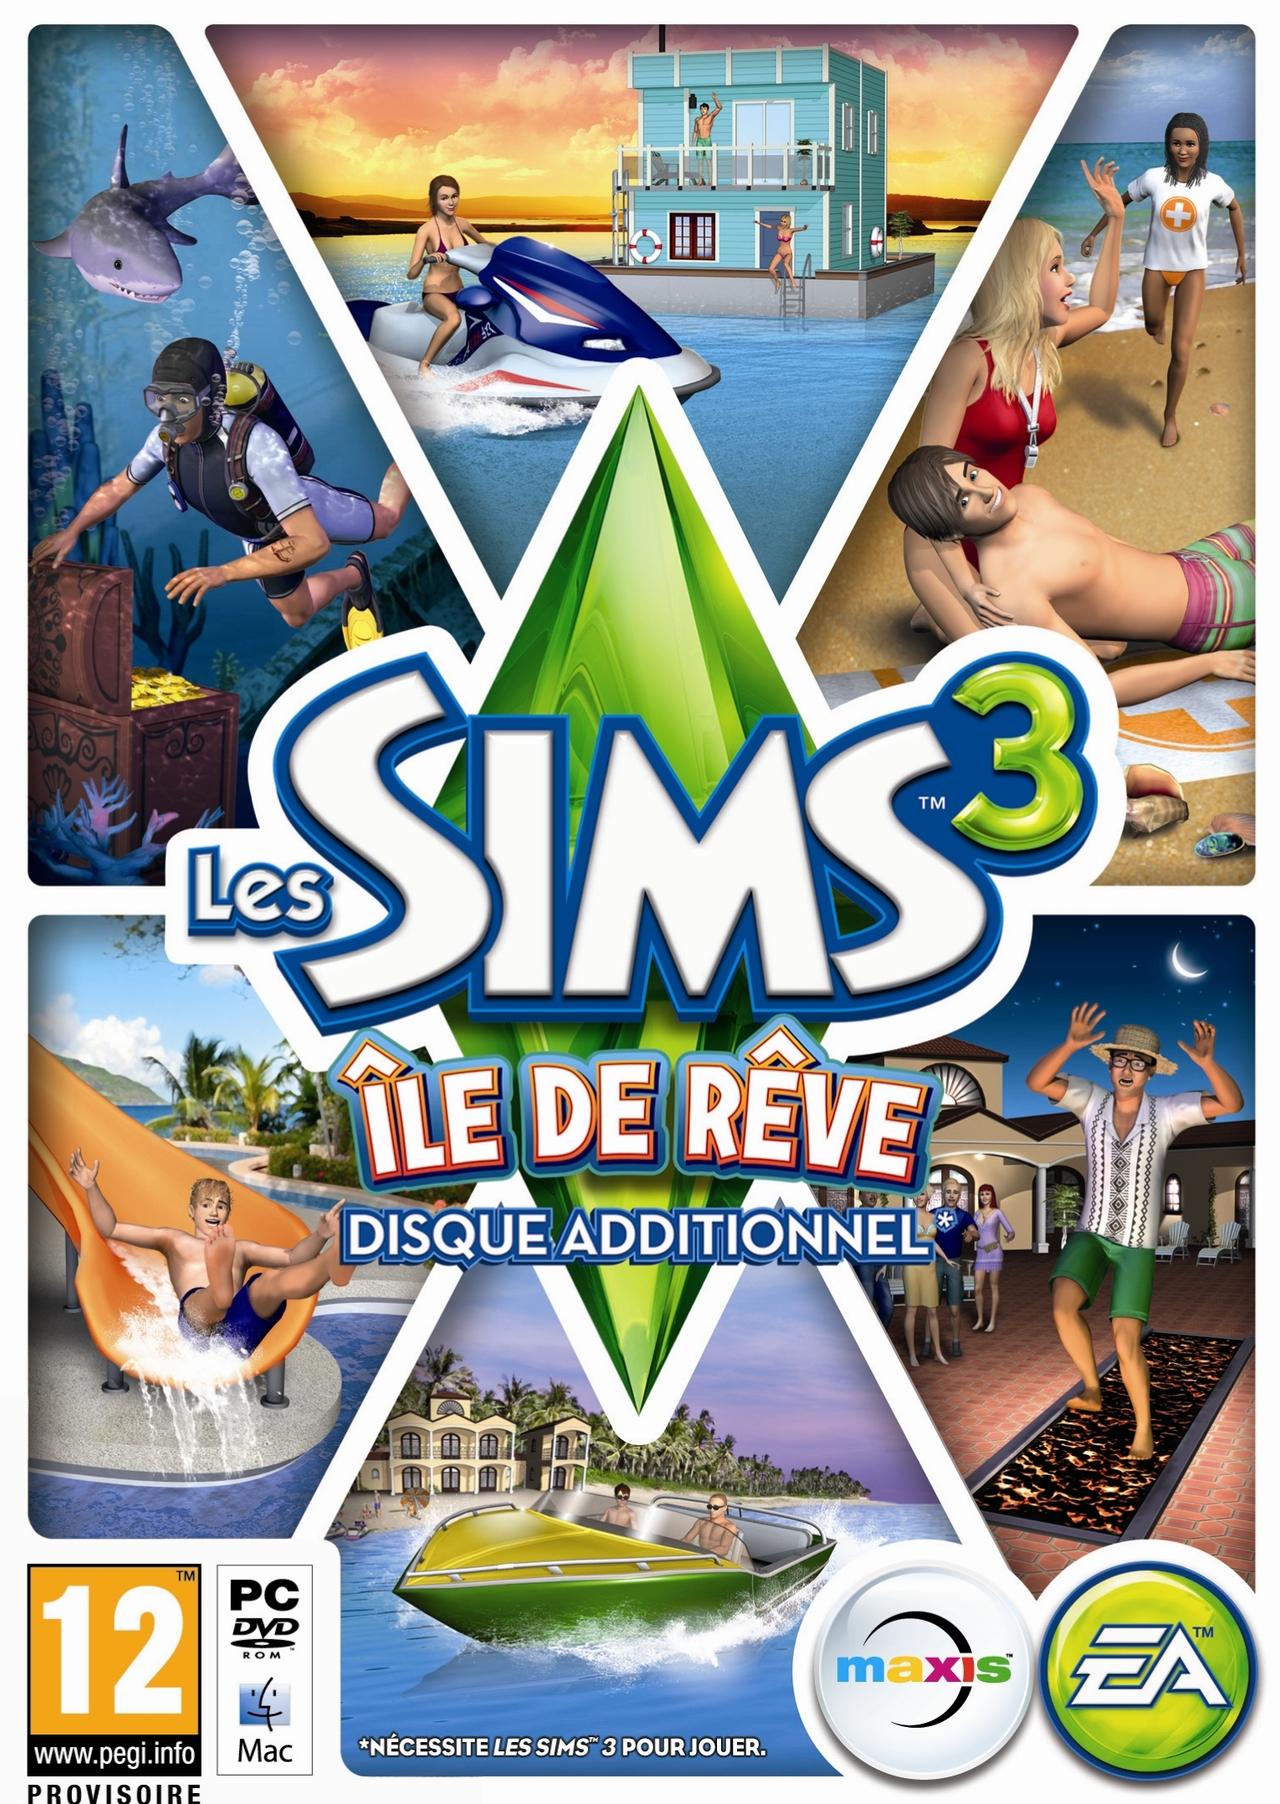 Les Sims 3 : Ile de Rêve [PC] [MULTI]